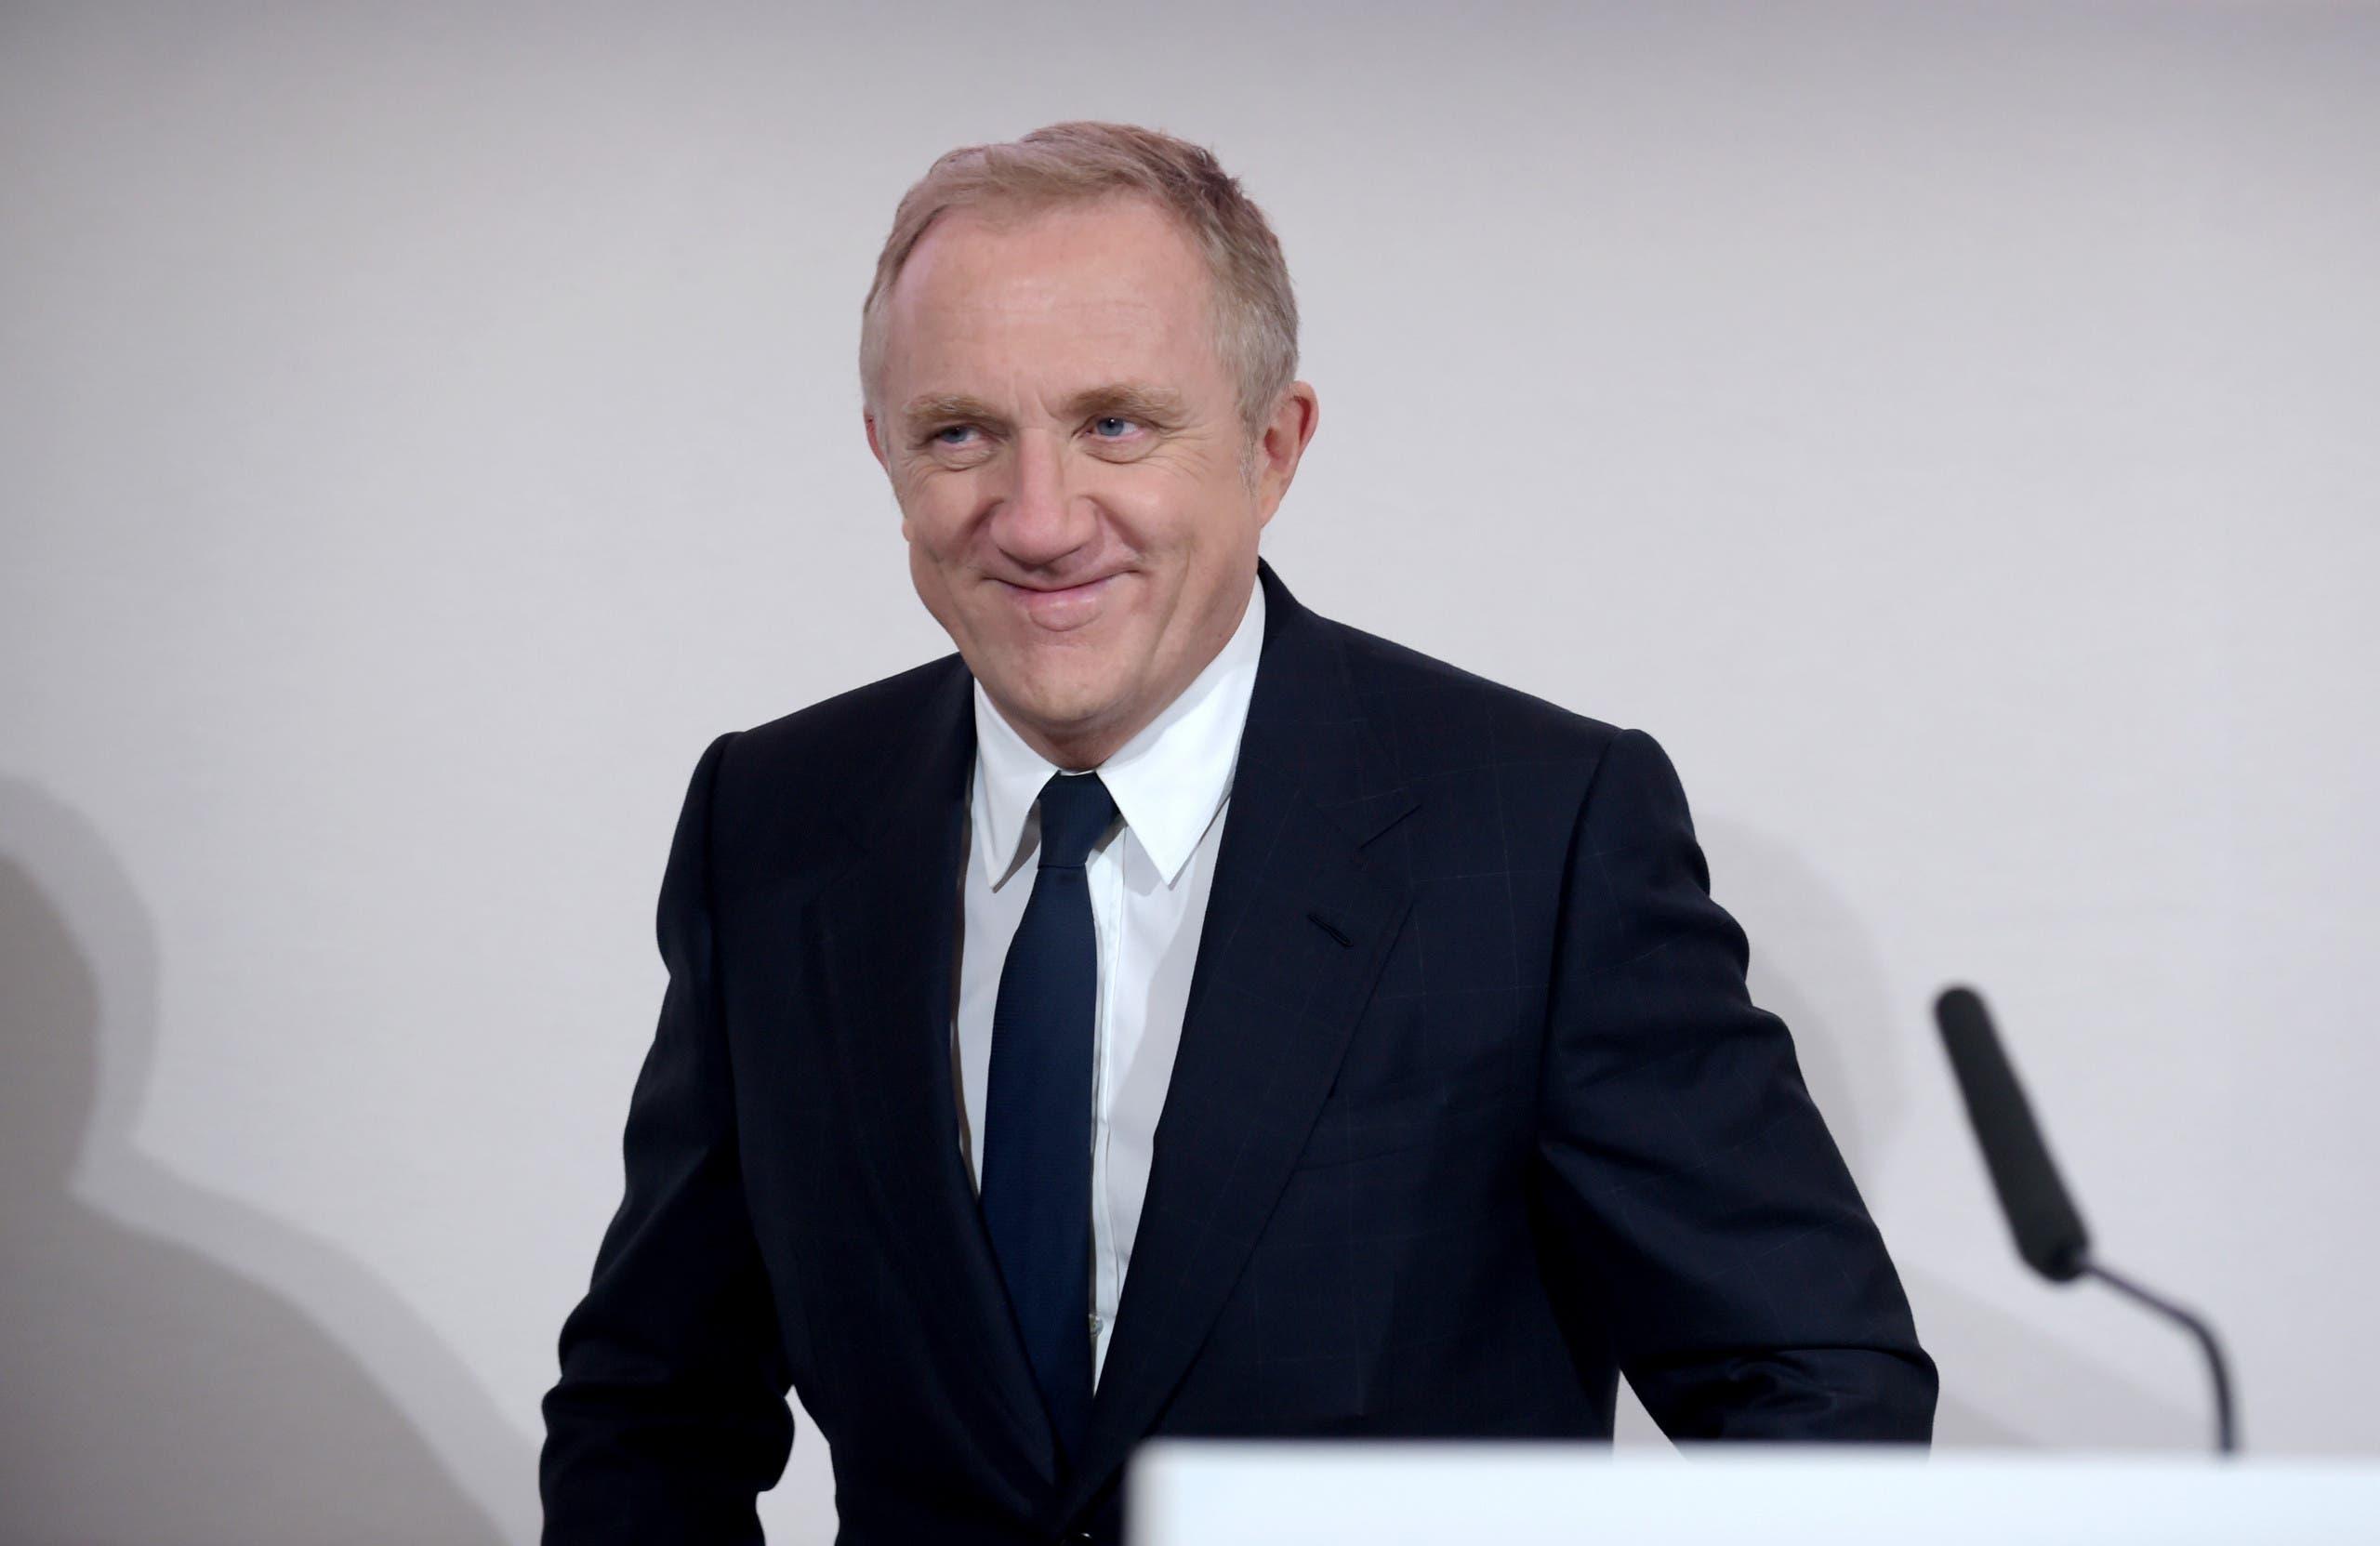 الملياردير الفرنسي فرانسوا هنري بينو